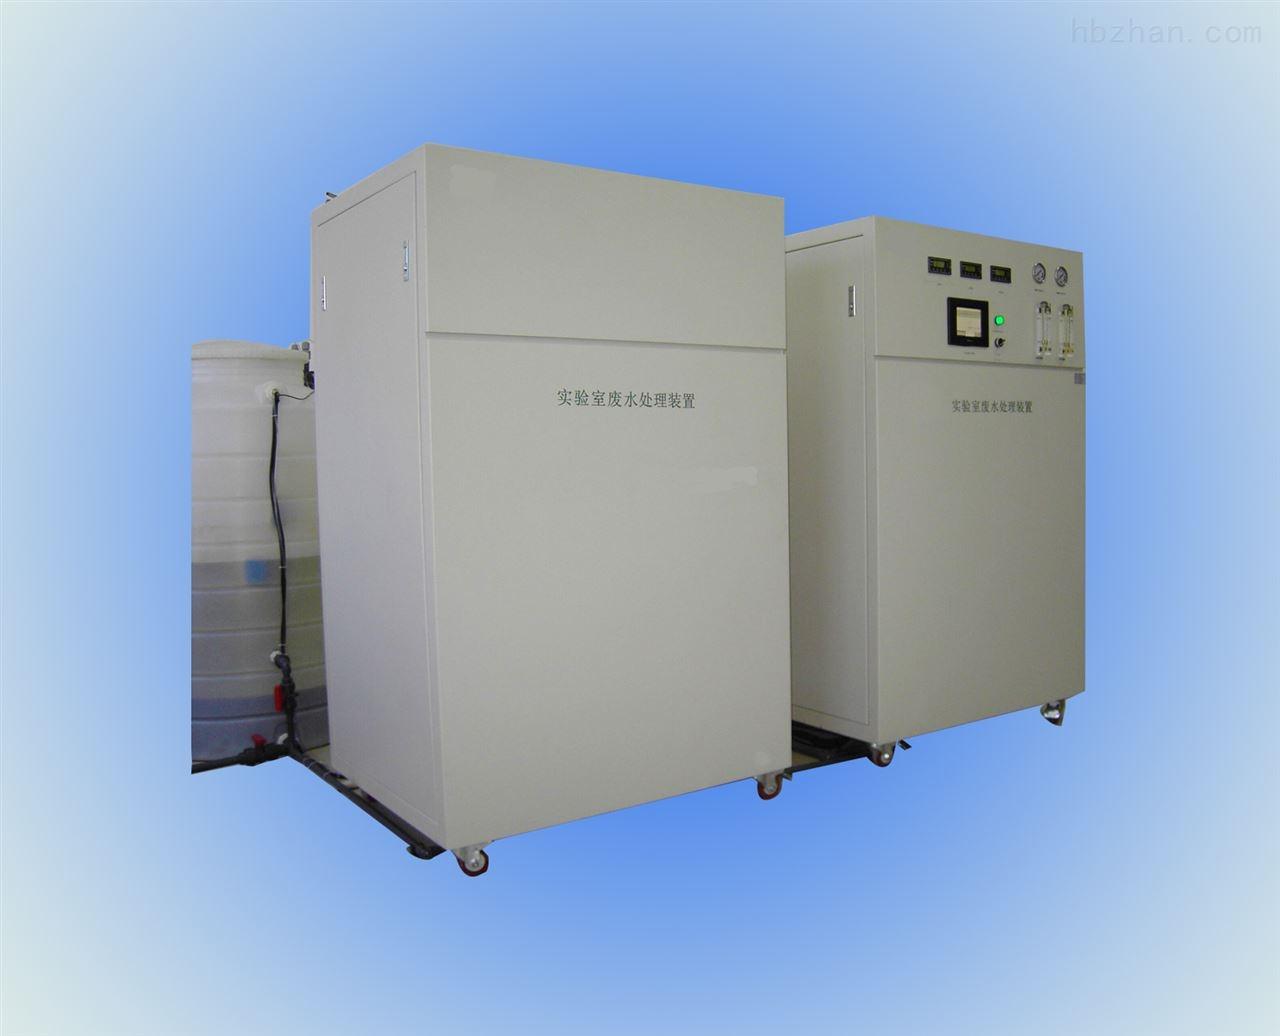 环保大学实验室用的污水处理设备品质保障